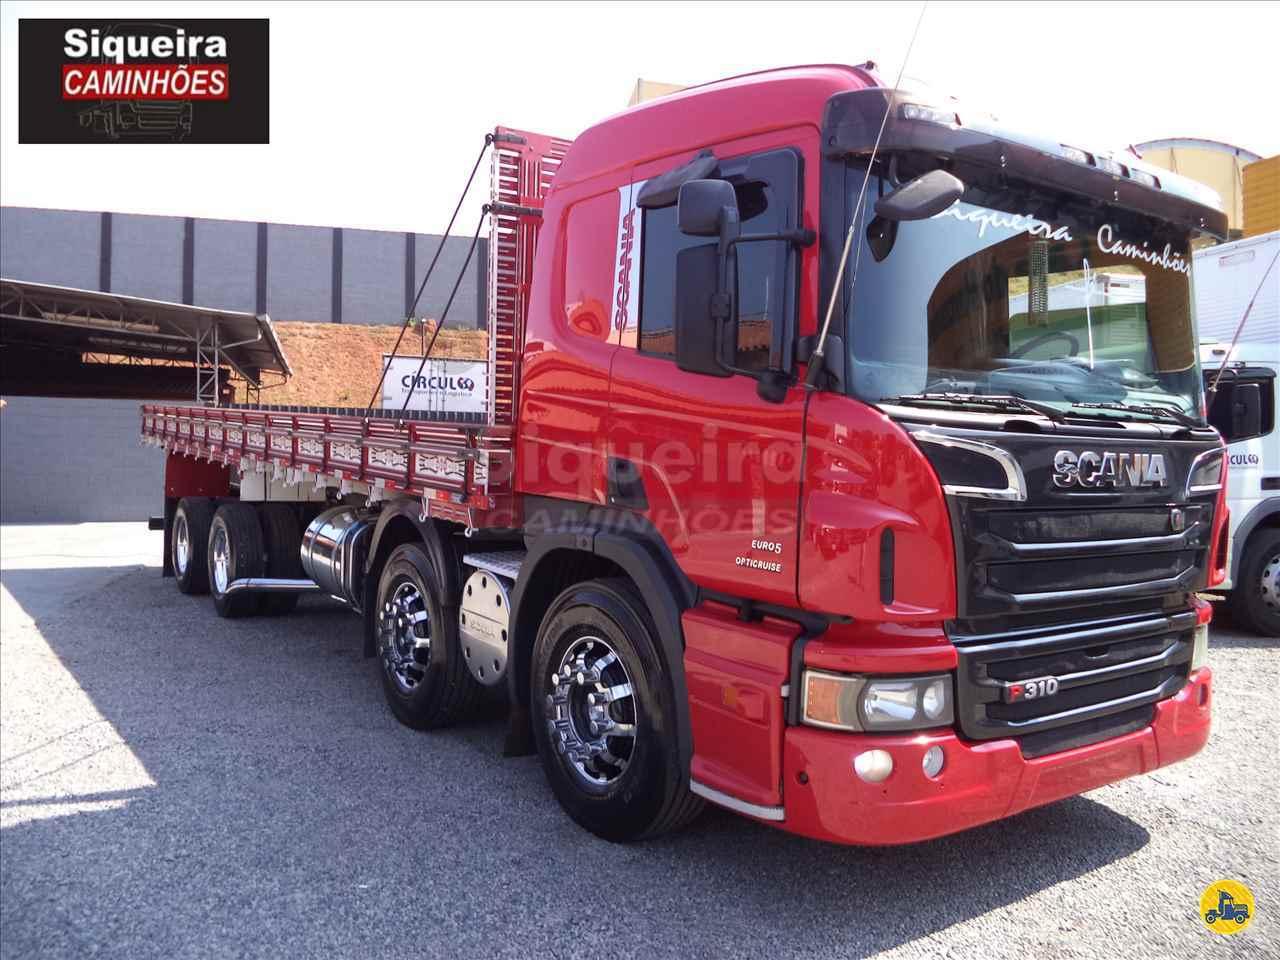 CAMINHAO SCANIA SCANIA P310 Carga Seca BiTruck 8x2 Siqueira Caminhões BRAGANCA PAULISTA SÃO PAULO SP